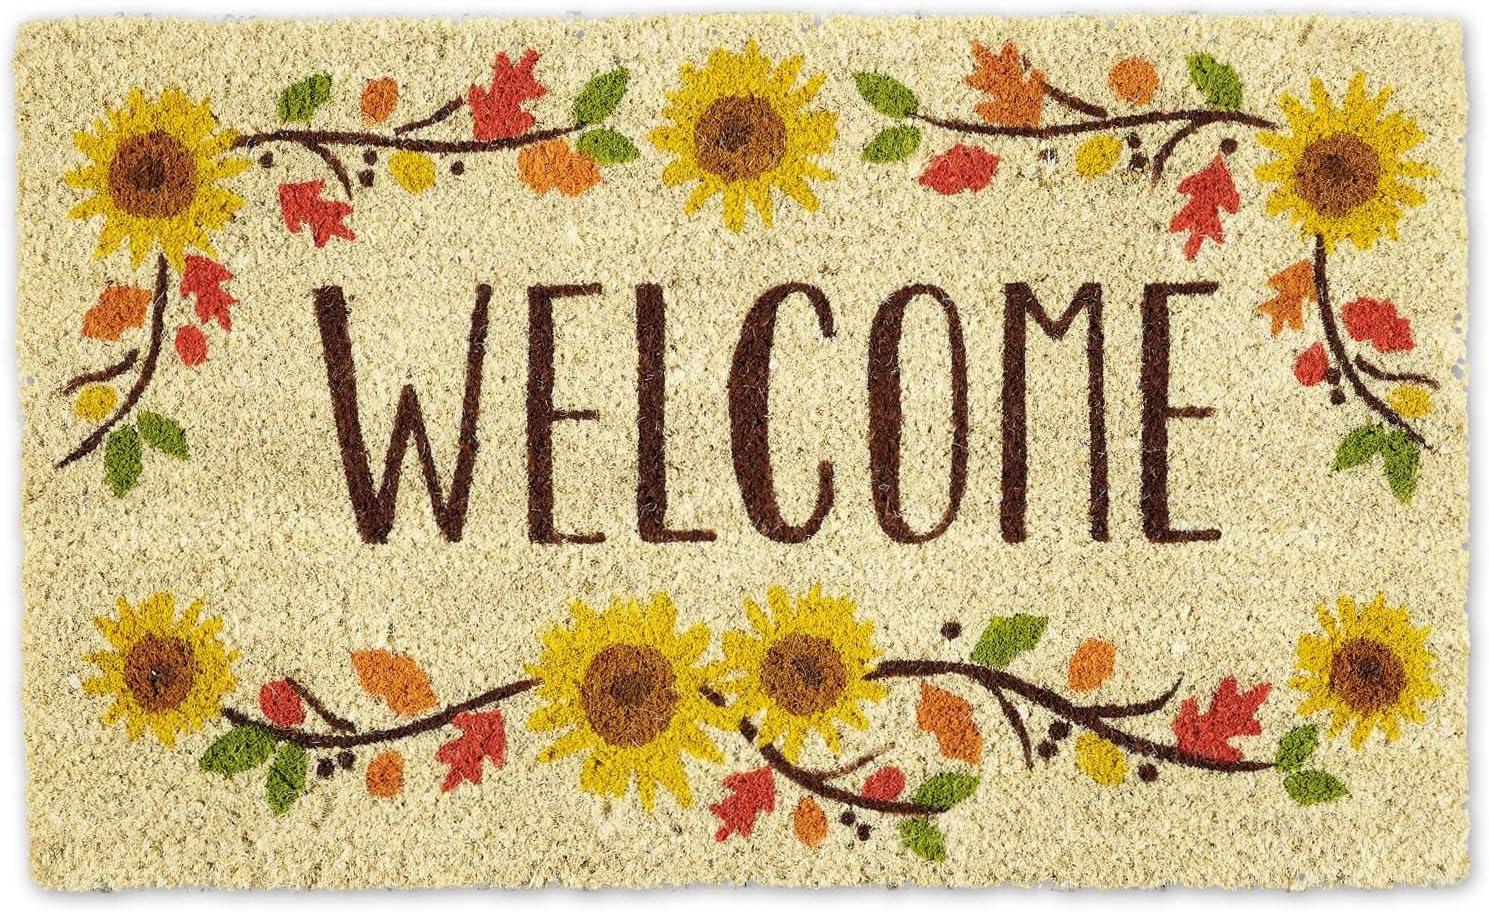 Dii Welcome Home Natural Coir Doormat Indoor Outdoor 18x30 Sunflowers Home Kitchen